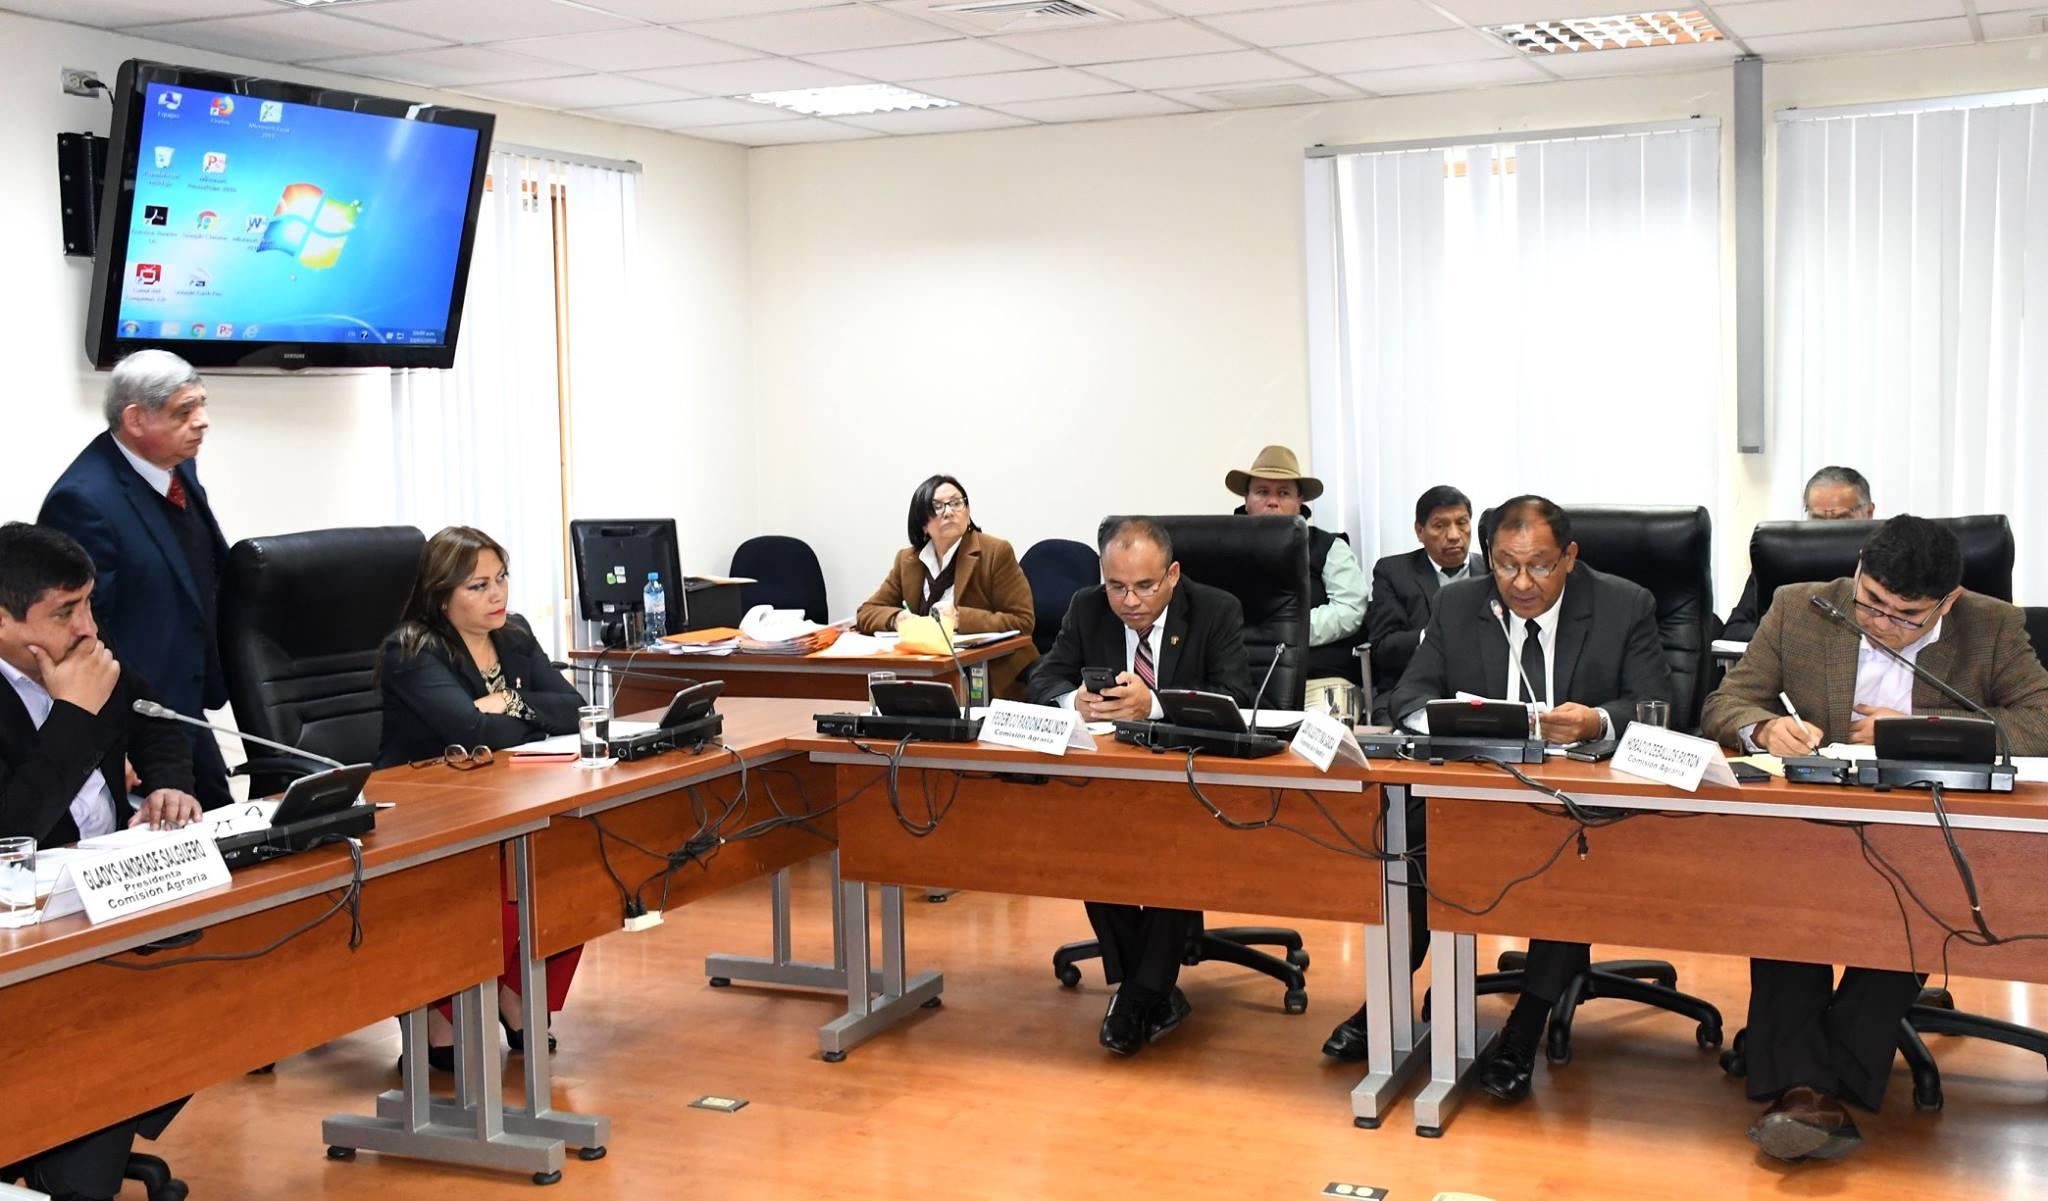 Titulares del MEF y Minagri se presentarán mañana ante comisiones de Economía y Agraria del Congreso